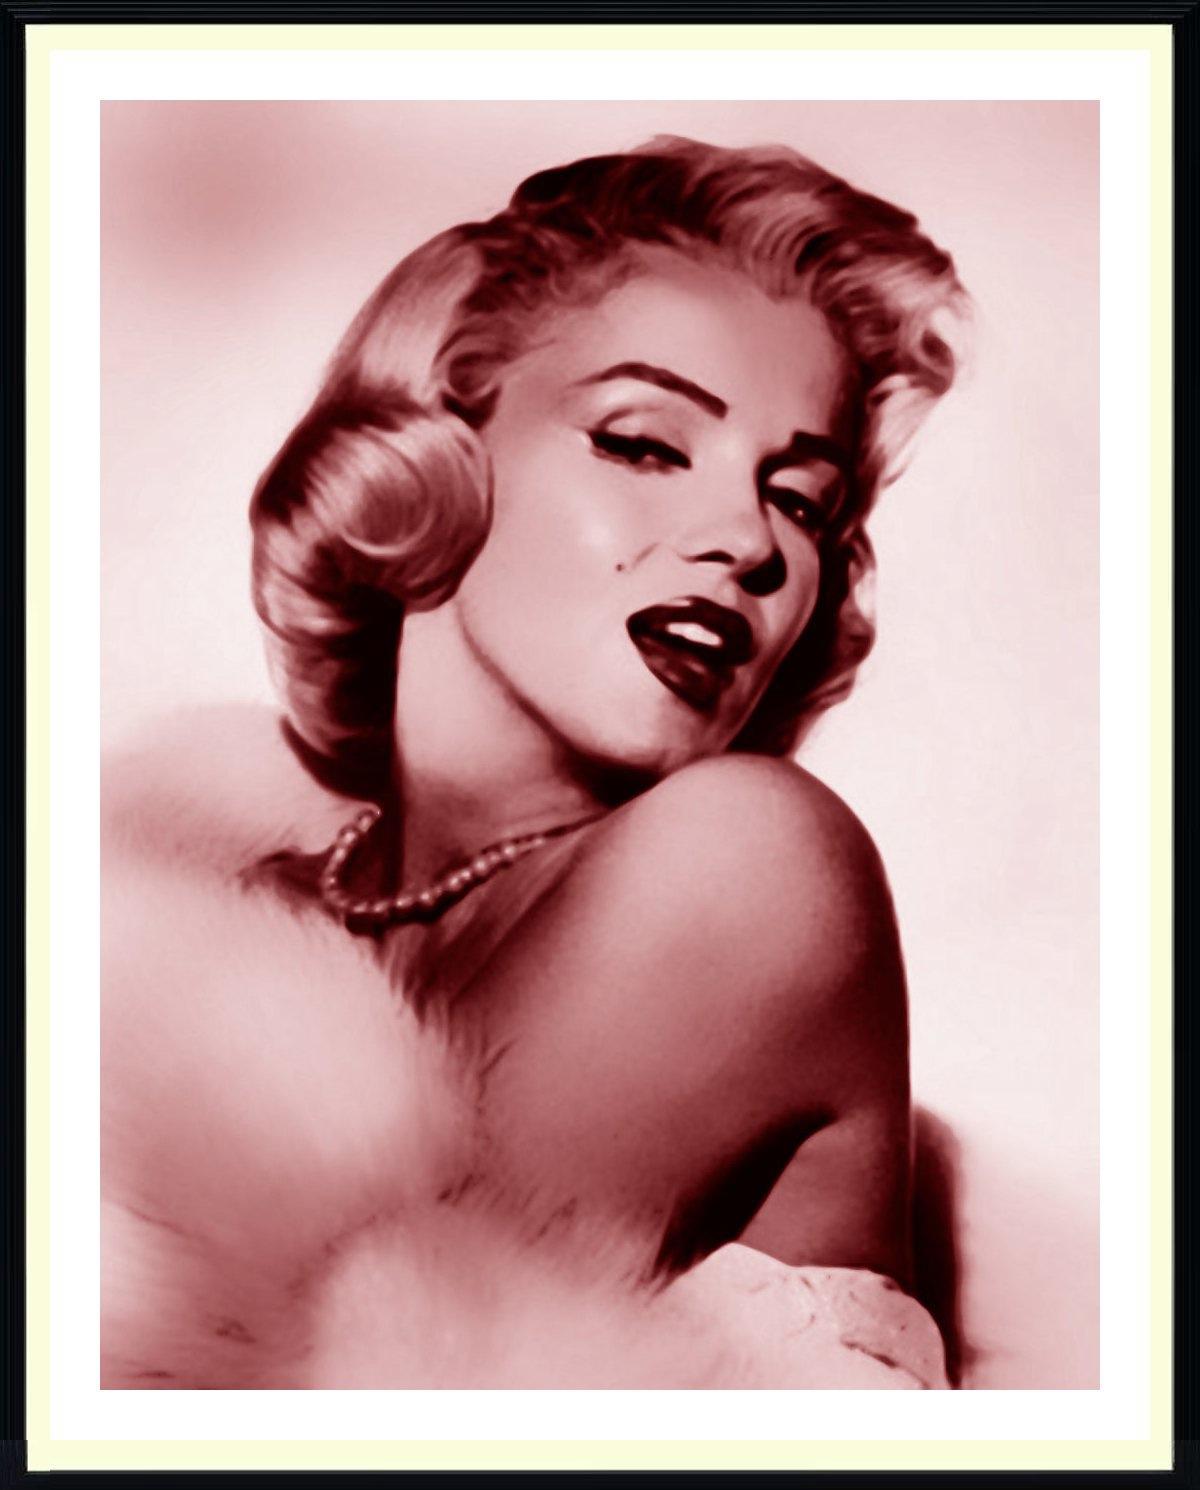 """Предпросмотр схемы вышивки  """"Мерлин Монро """".  Мерлин Монро, девушка, актрисса, мерлин монро."""